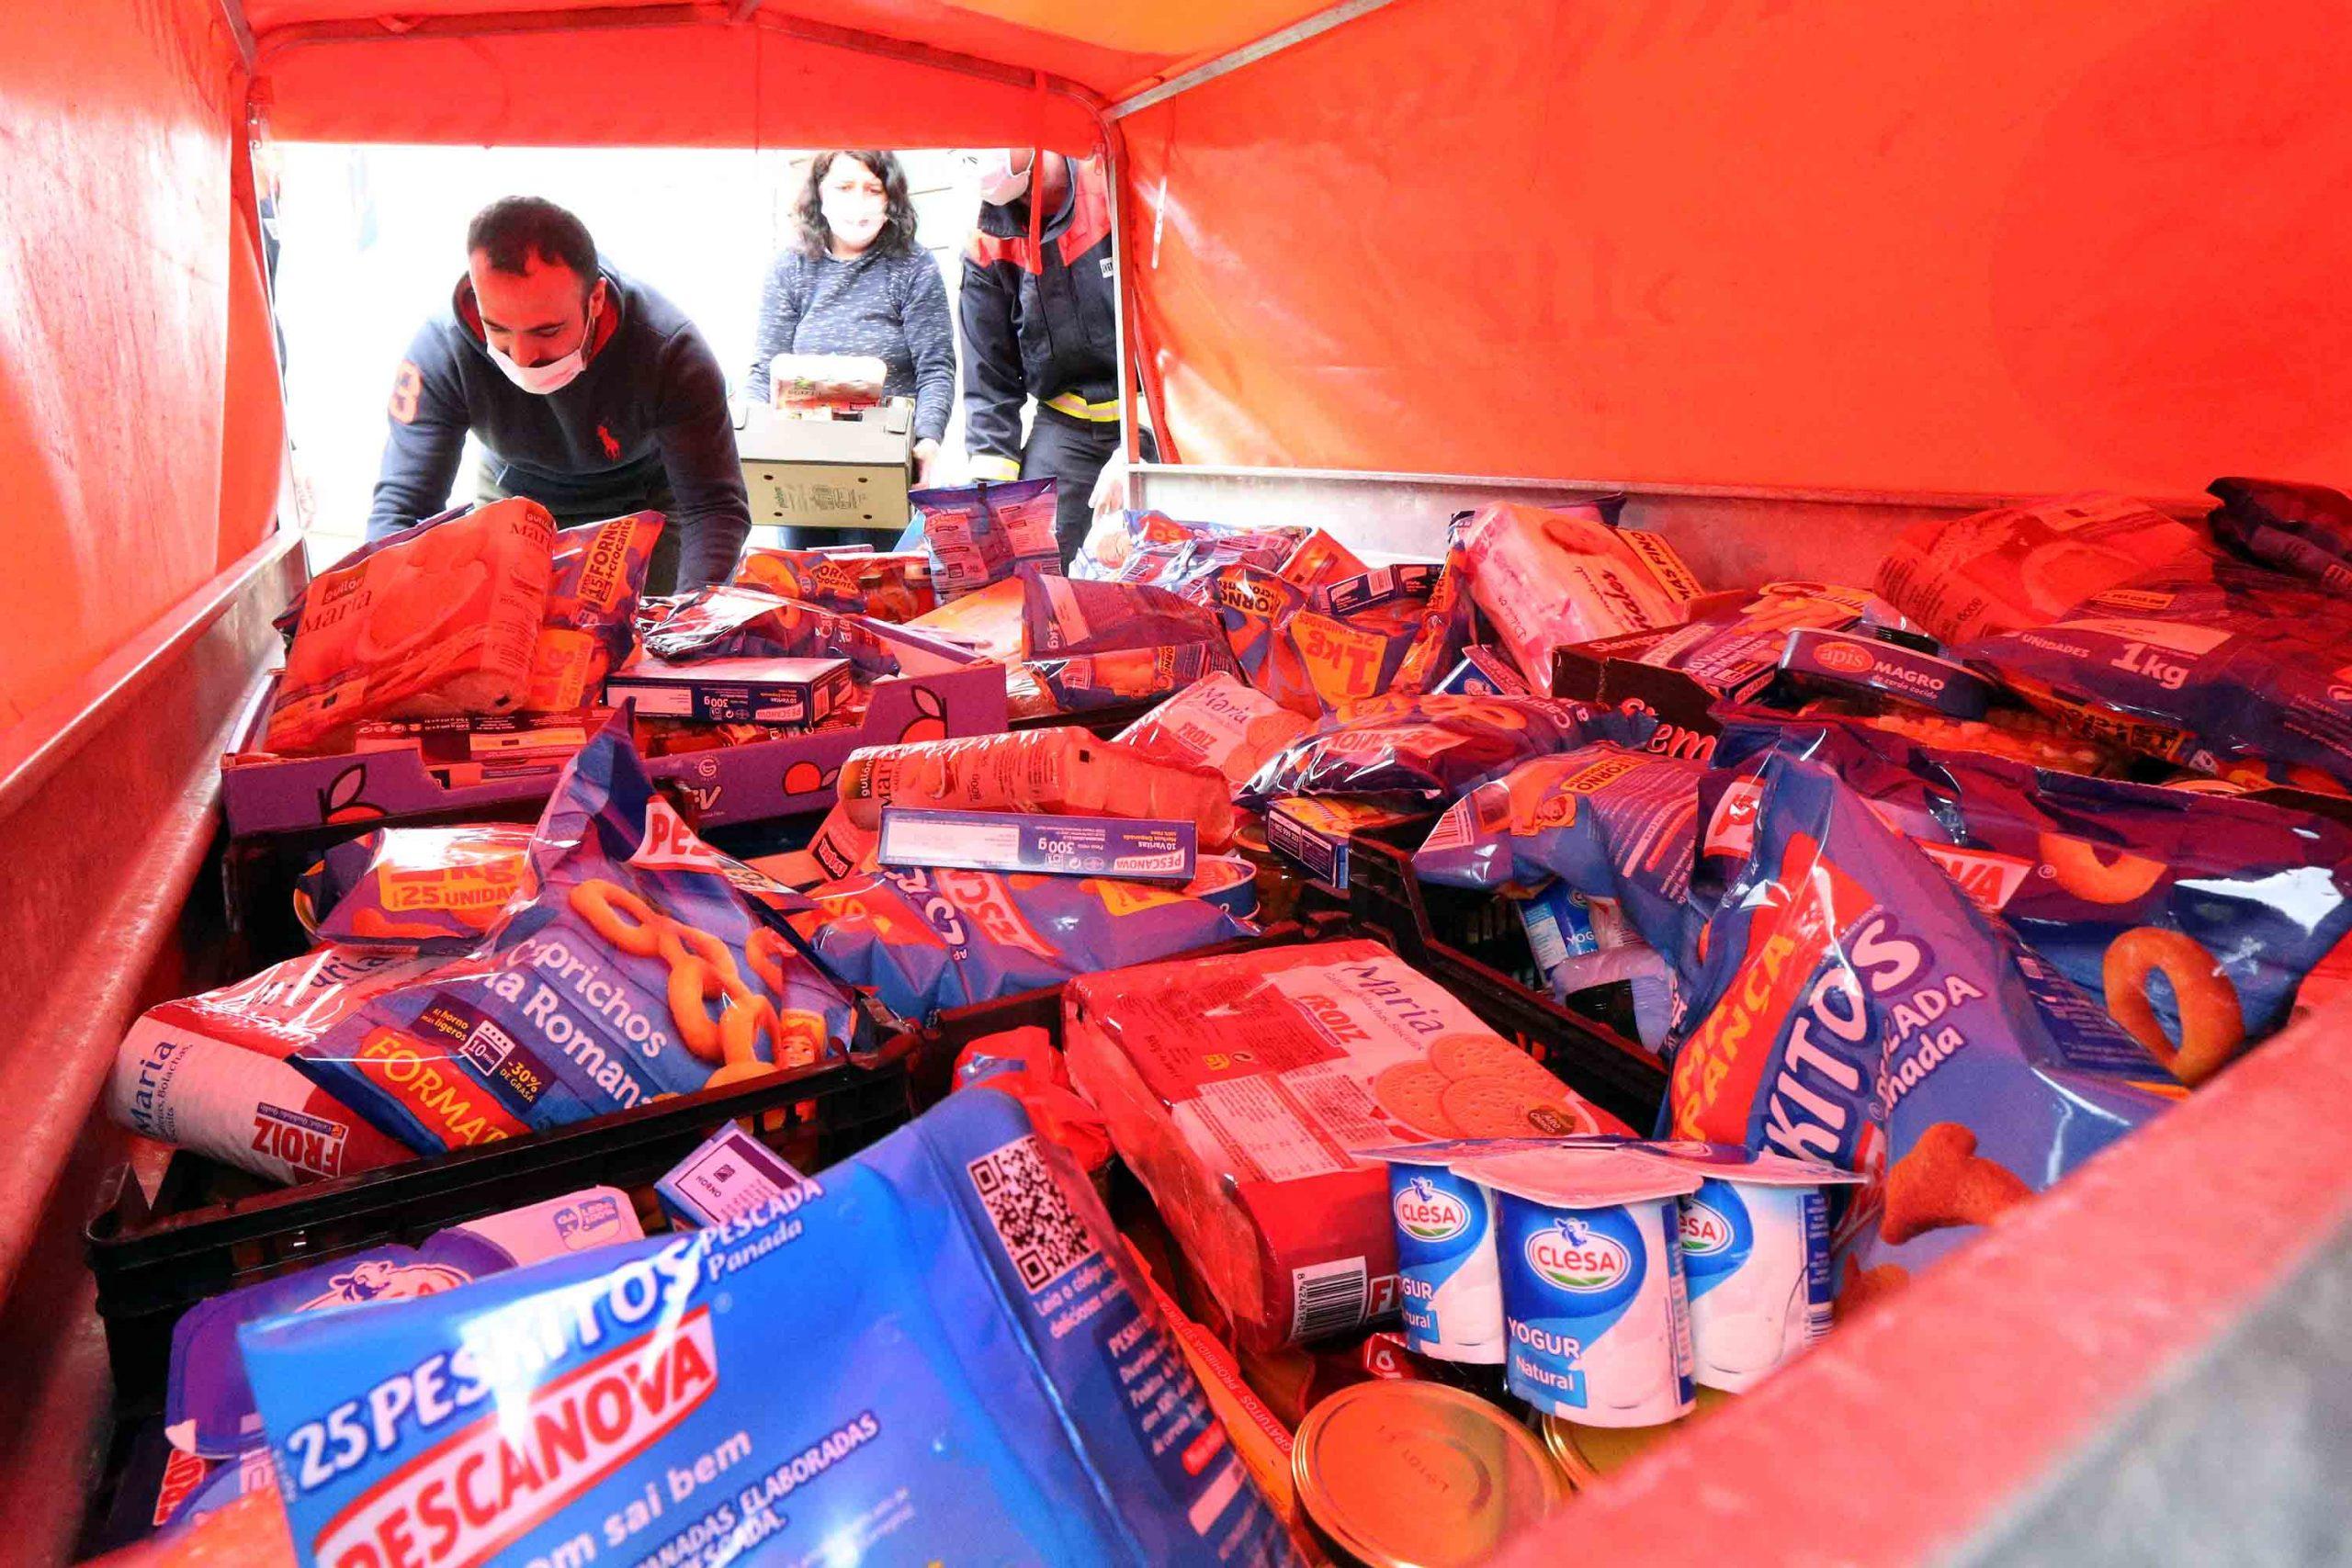 Industrias do sector alimentario doan toneladas de productos ao Concello para abastecer ás familias máis necesitadas do Porriño